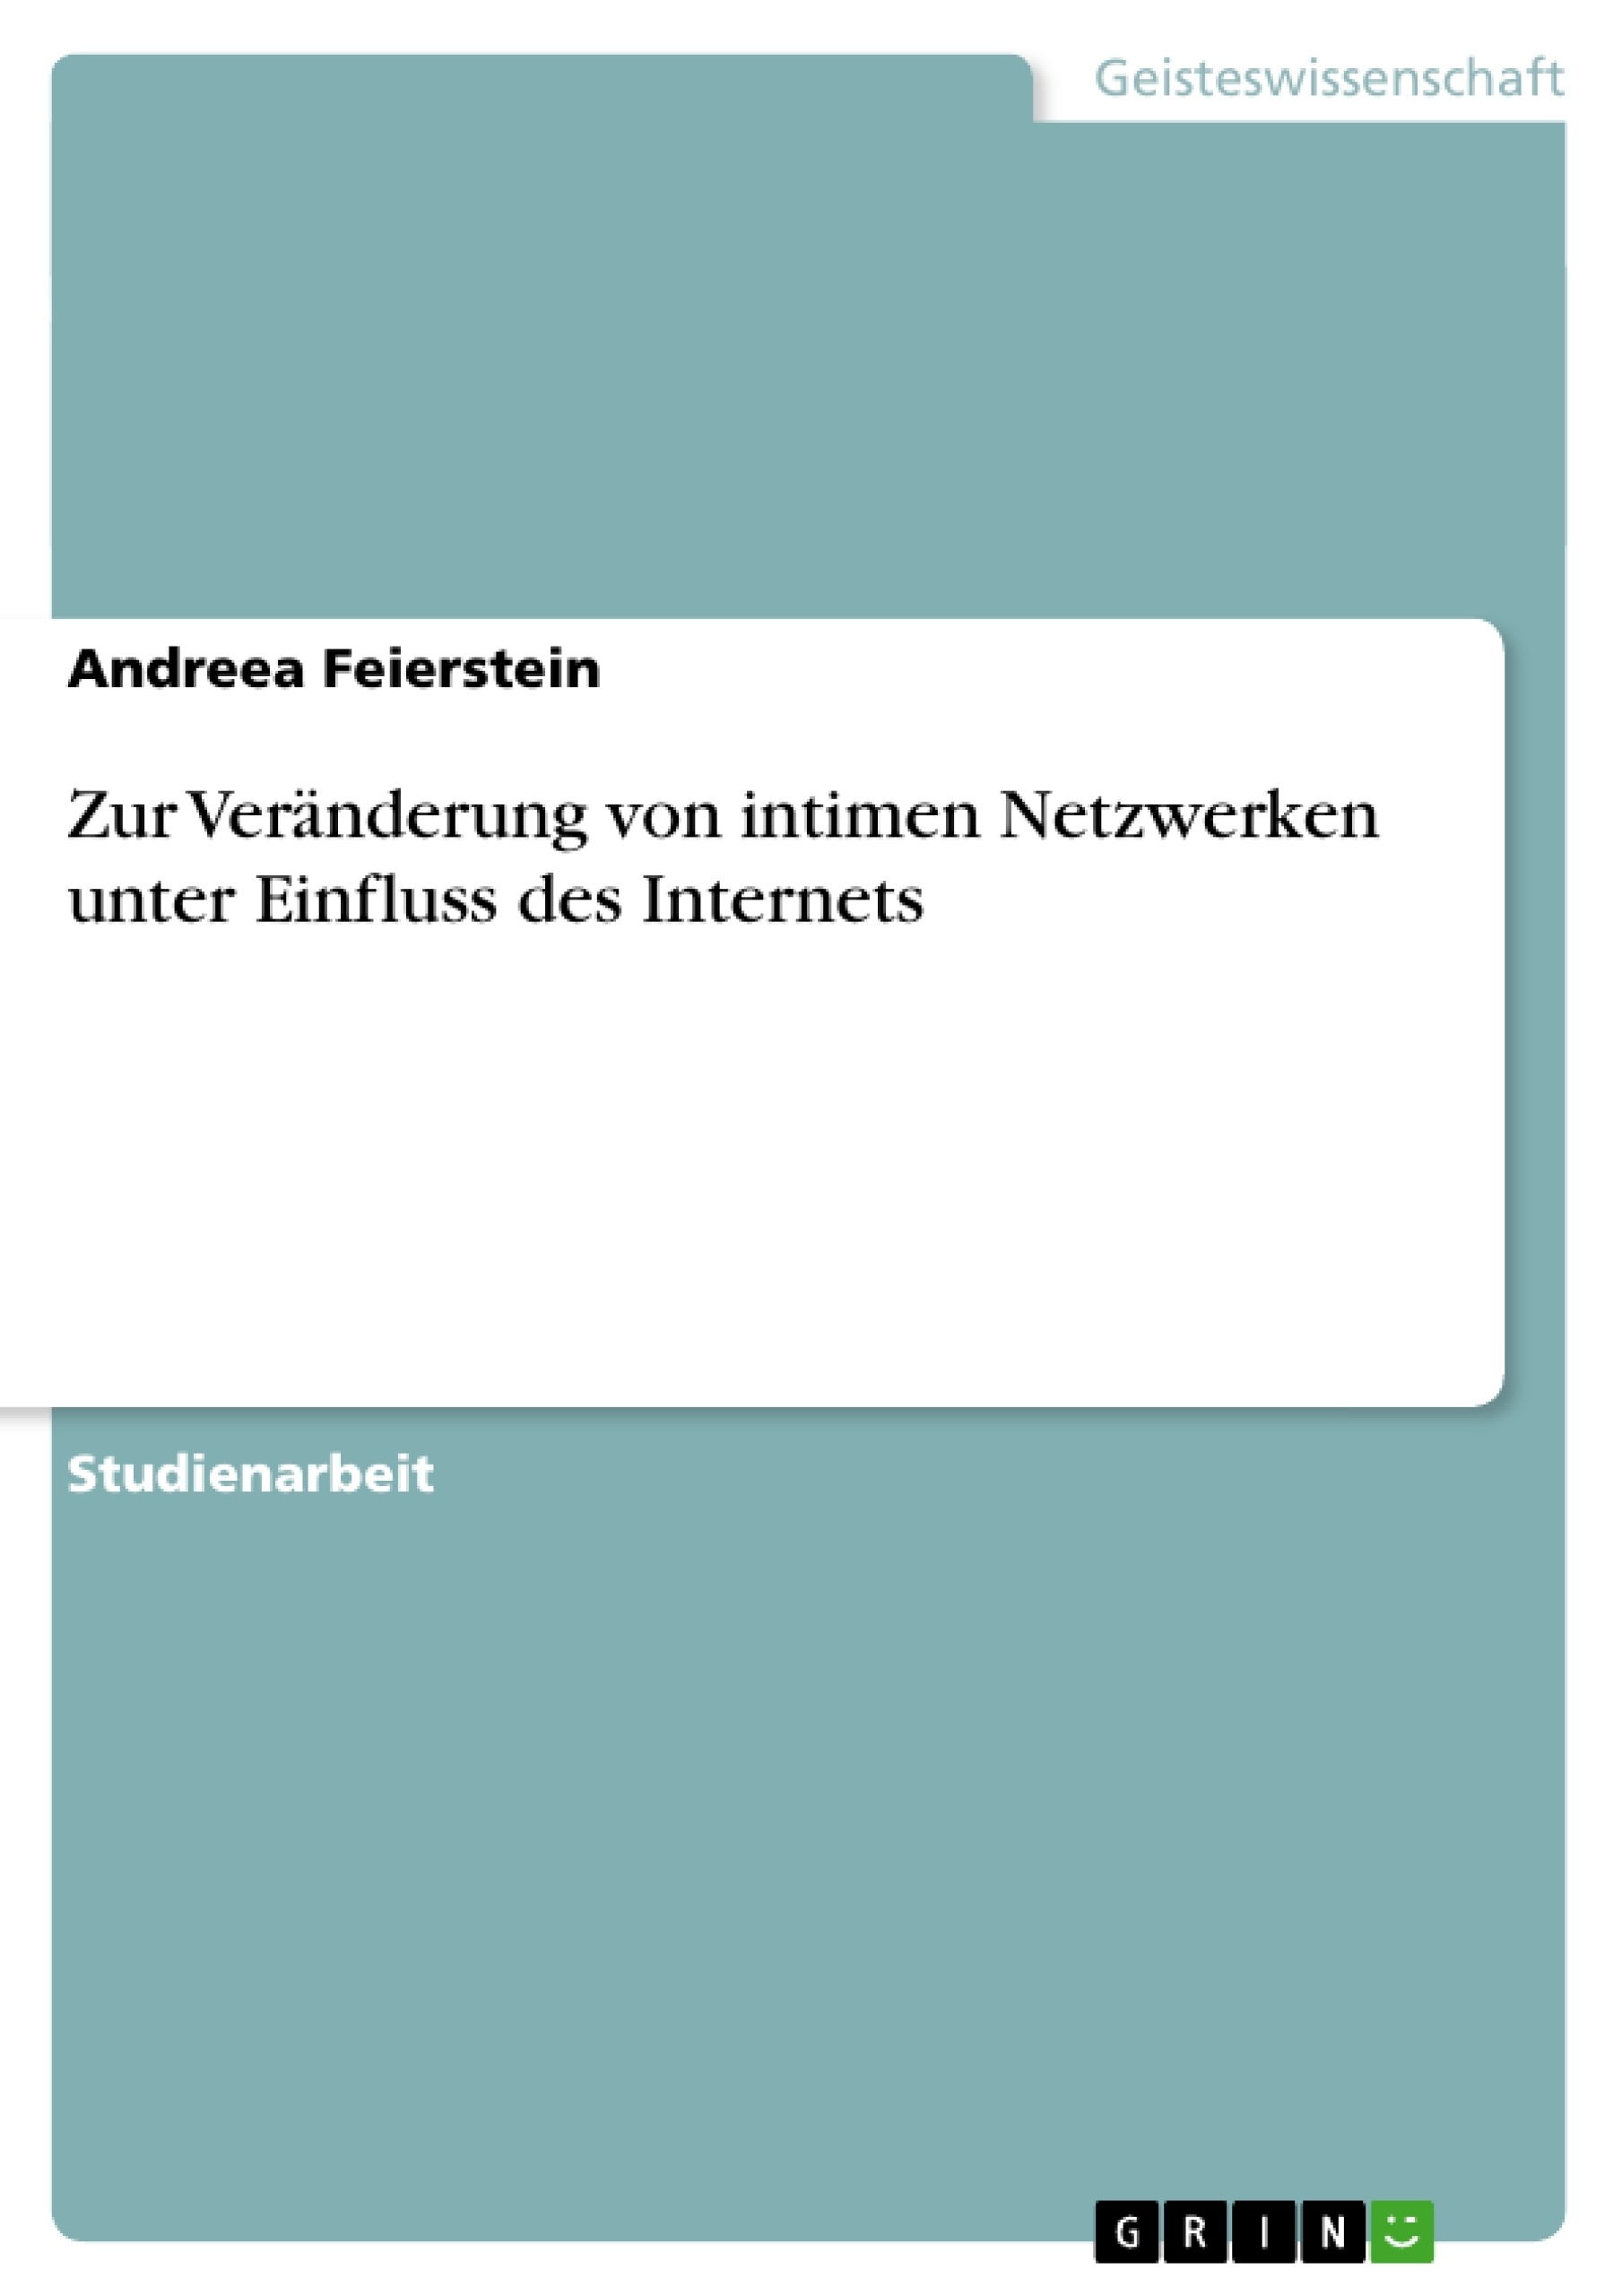 Titel: Zur Veränderung von intimen Netzwerken unter Einfluss des Internets